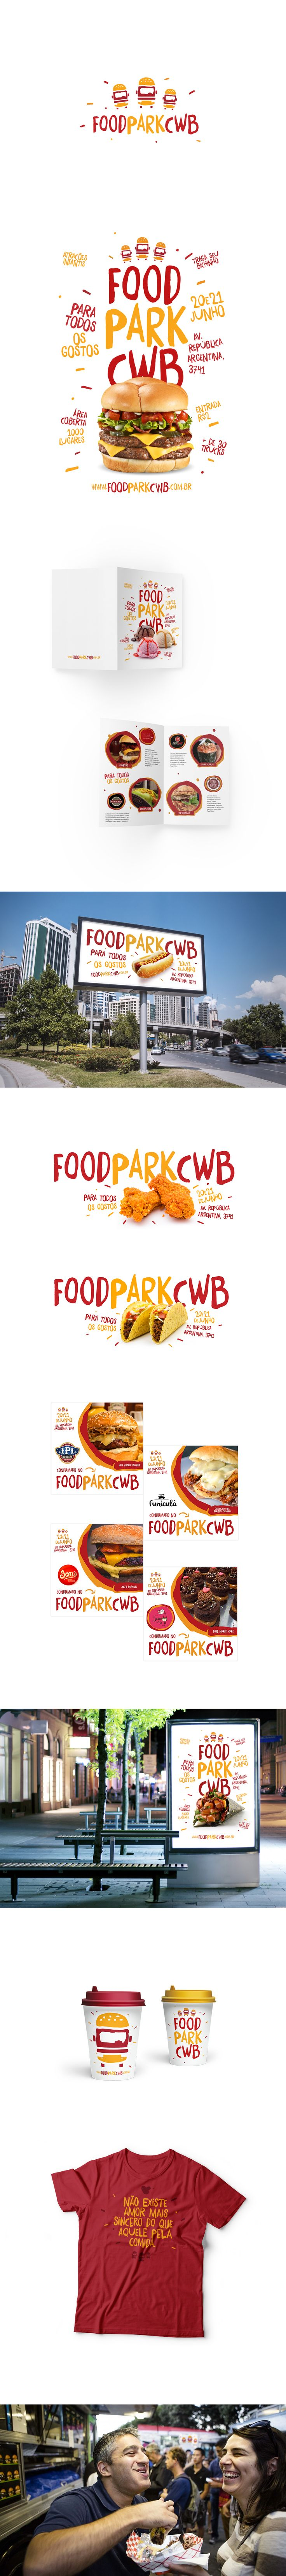 Identidade visual criada para festival de food truck.